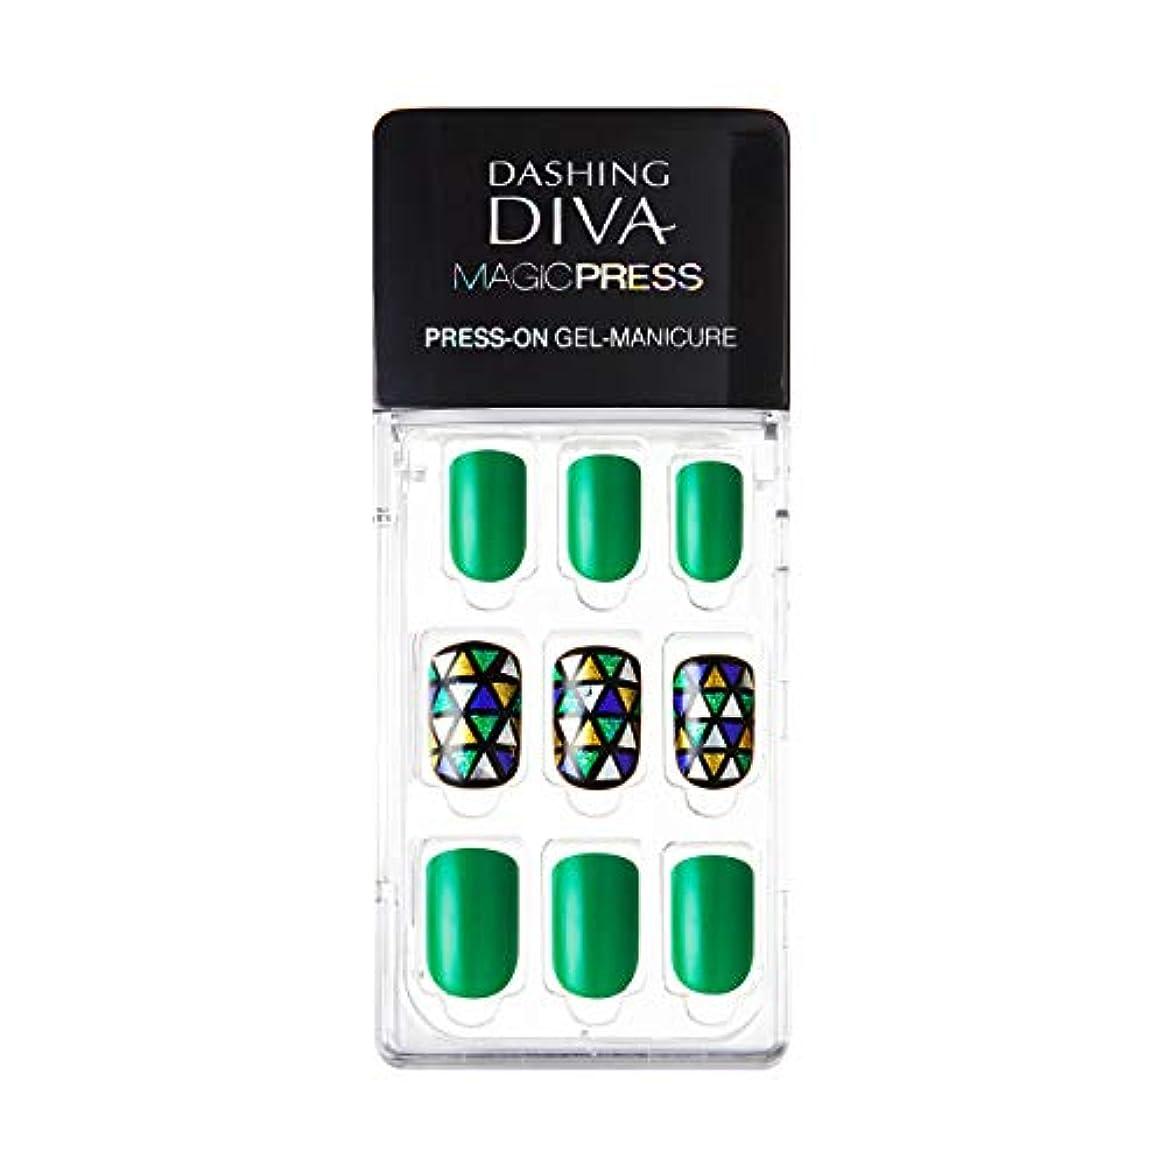 オーバーヘッド解読するメールMDR115:ネイルチップ【ダッシングディバマジックプレス】DASHING DIVA MAGICPRESS PRESS-ON GEL-MANICURE 1BOX(30TIPS)-DURY+